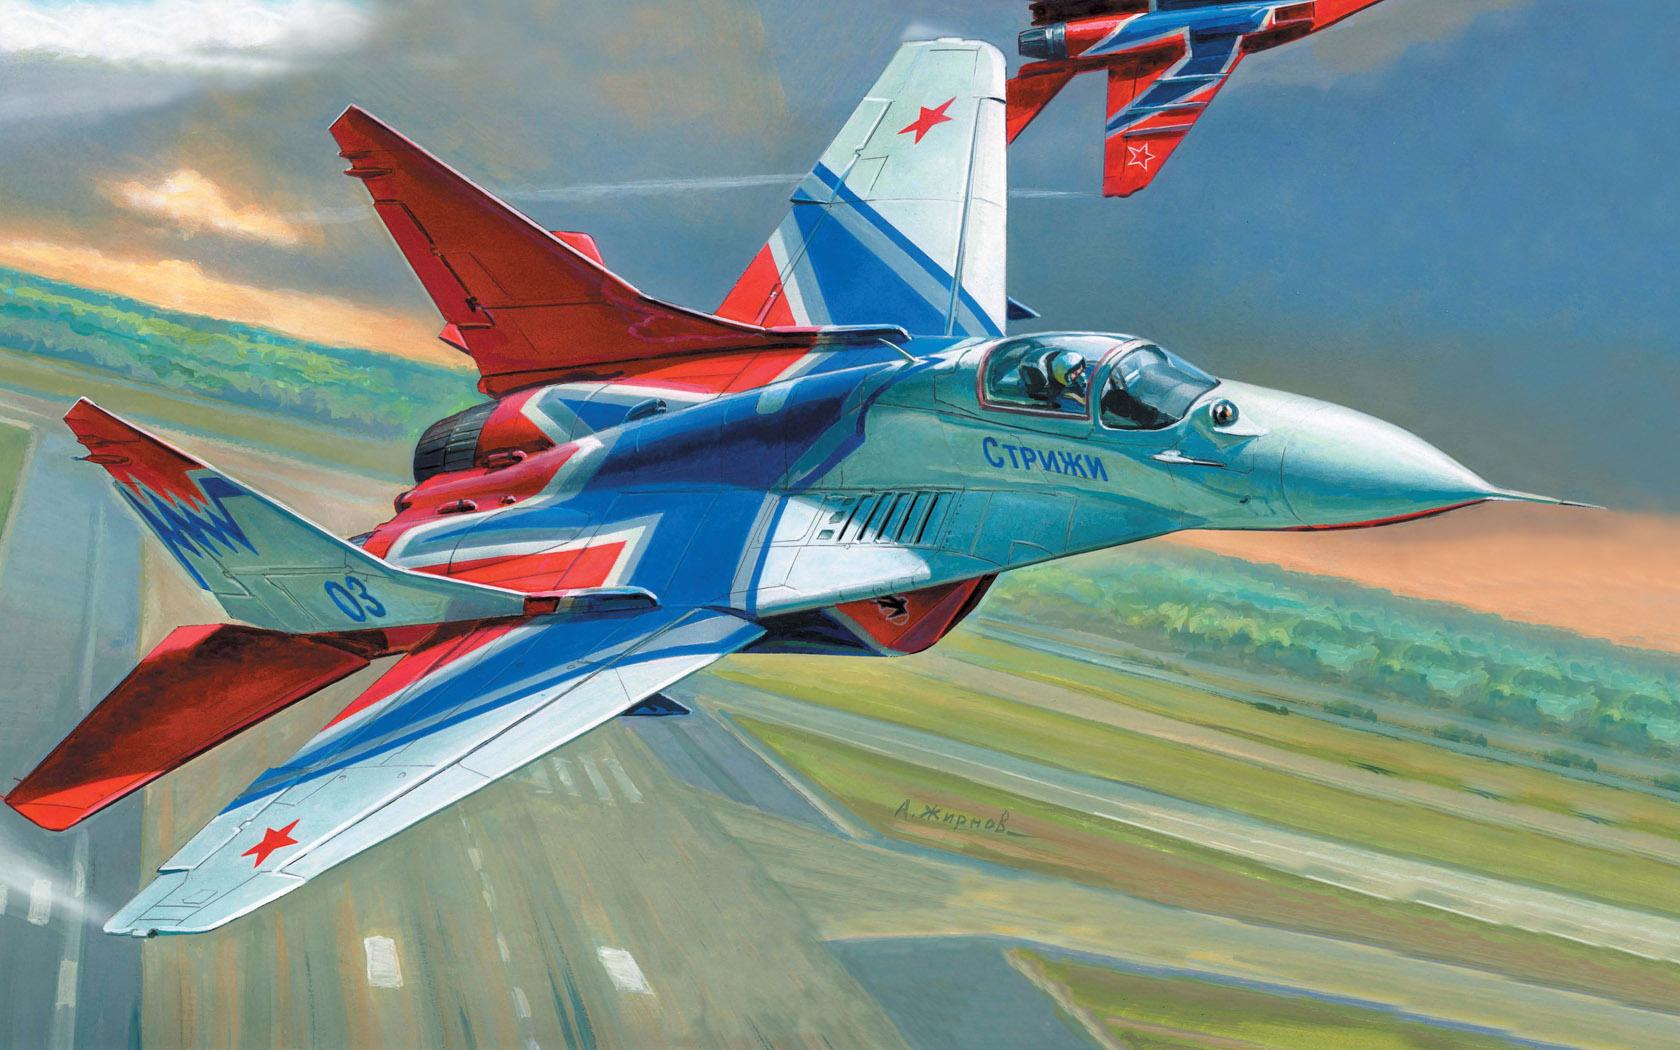 рисунок МиГ-29 пилотажной группы Стрижи